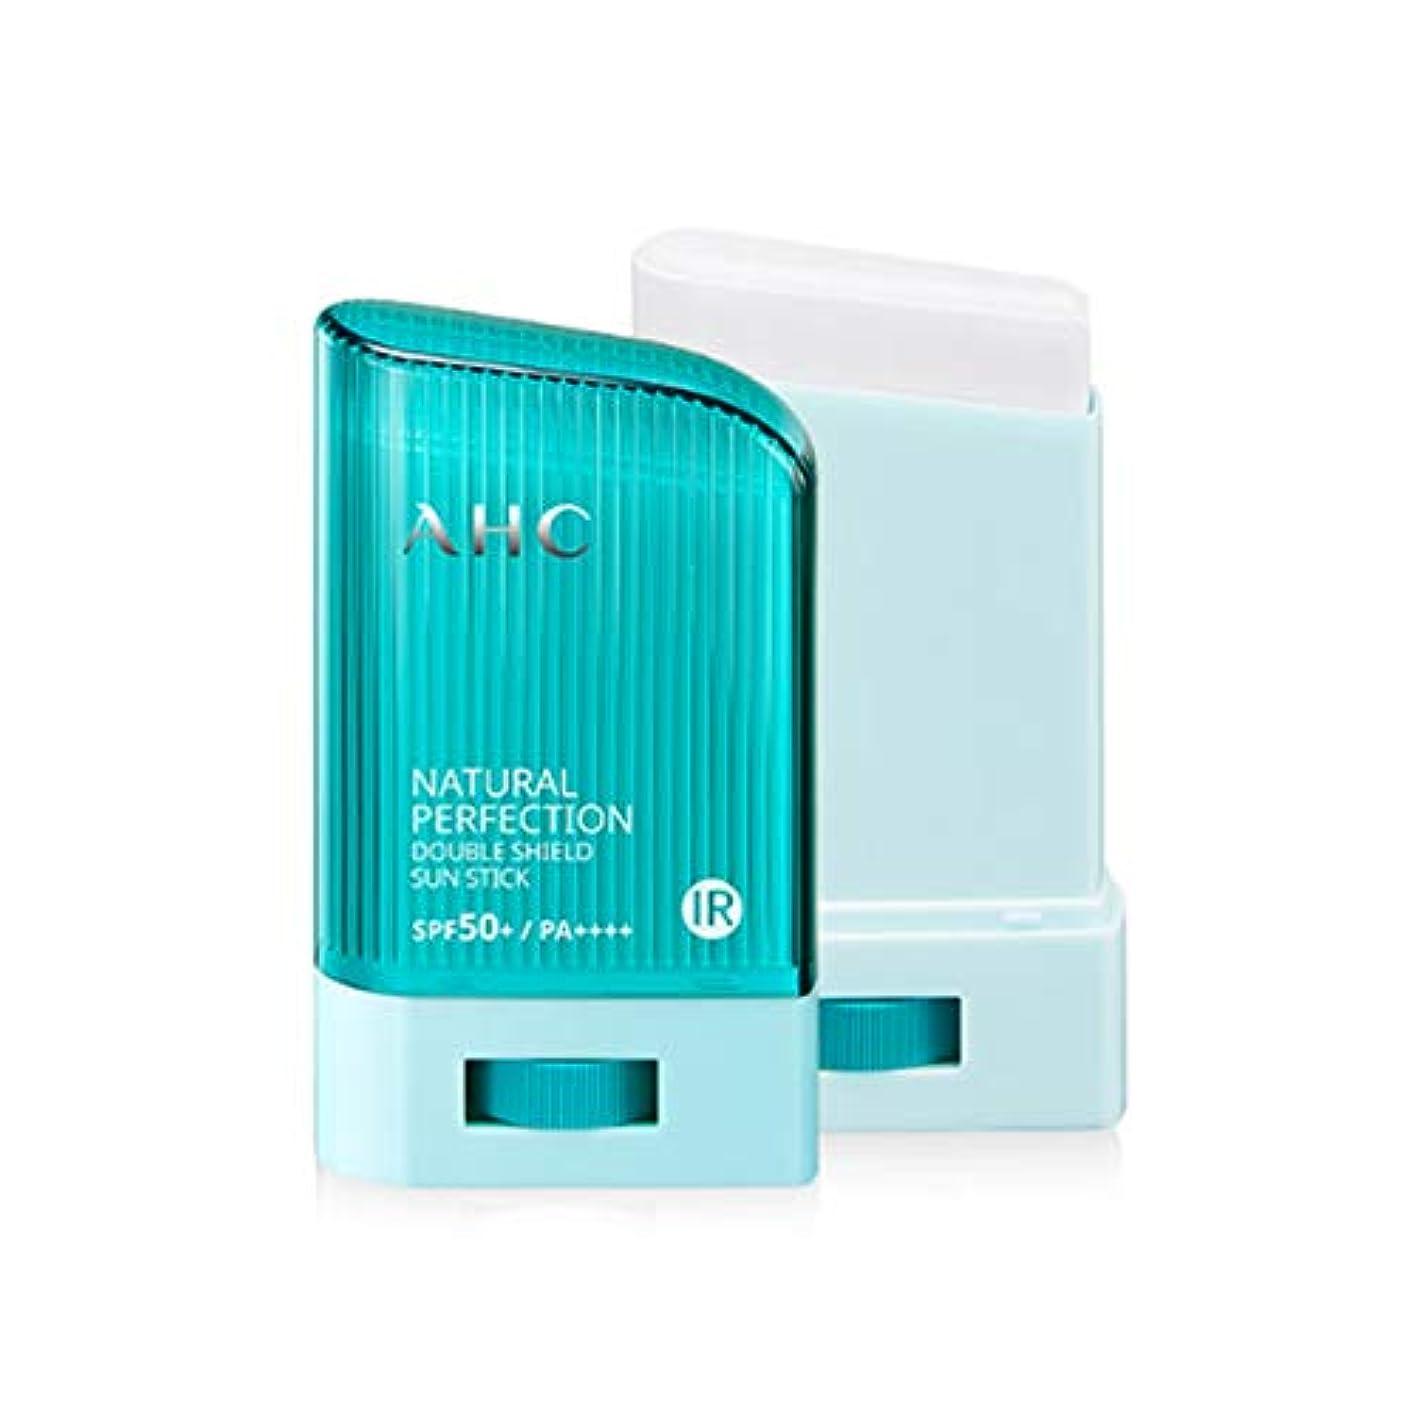 サイクロプスエステート解明AHC ナチュラルパーフェクションダブルシールドサンスティック ブルー Natural Perfection Double Shield Sun Stick BLUE [並行輸入品] (22g)